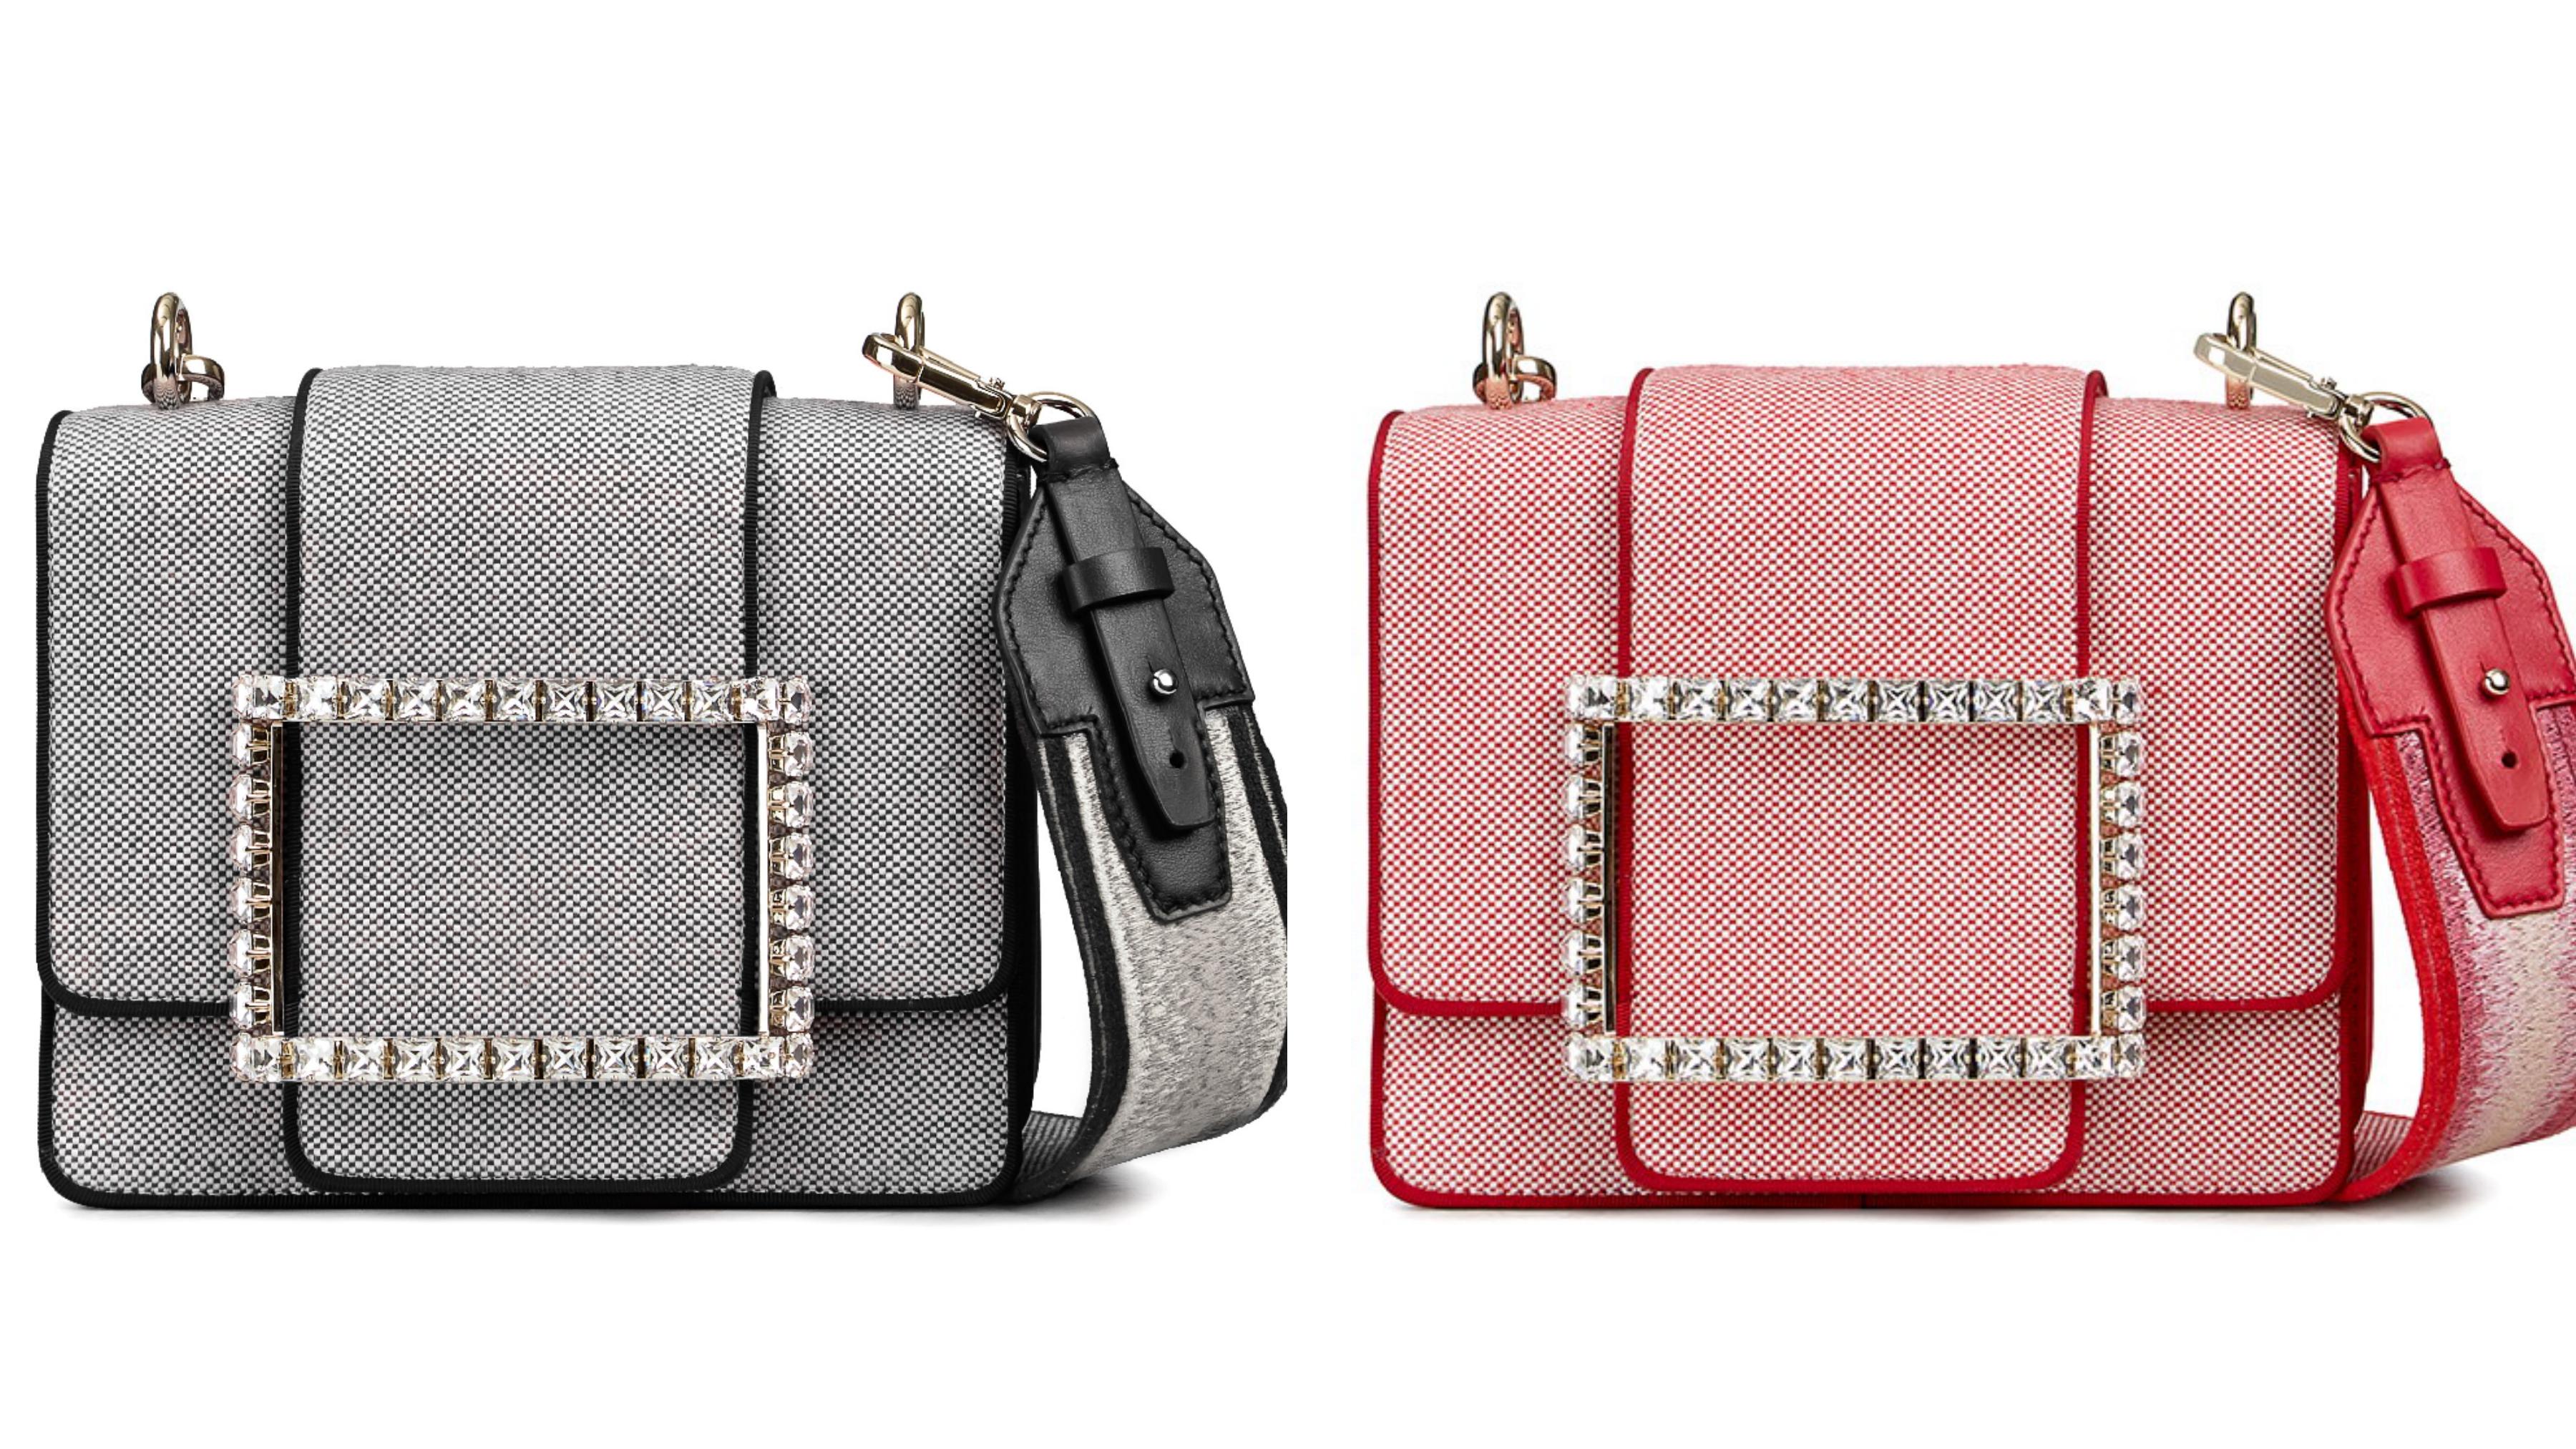 包款設計上,細膩綴以閃耀迷人的水鑽方扣,展露簡潔性感的迷人韻致,別具巧思。